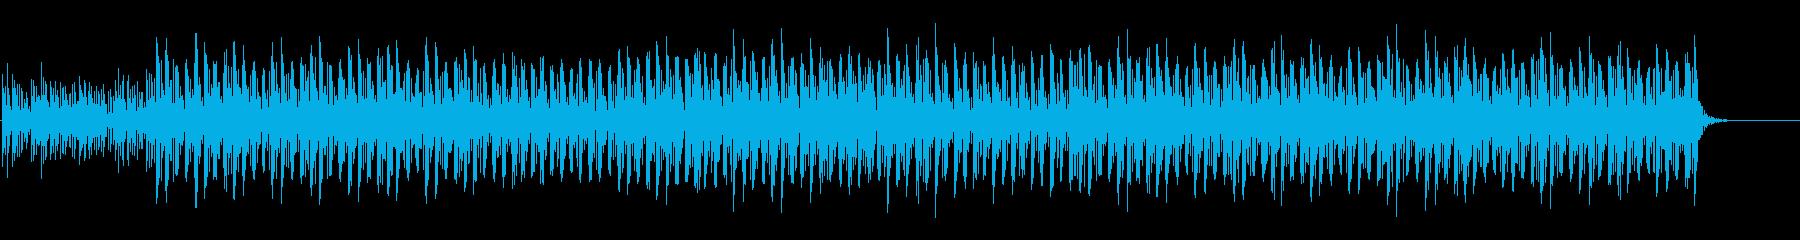 ミステリーの謎解き、考察をする時の劇伴の再生済みの波形